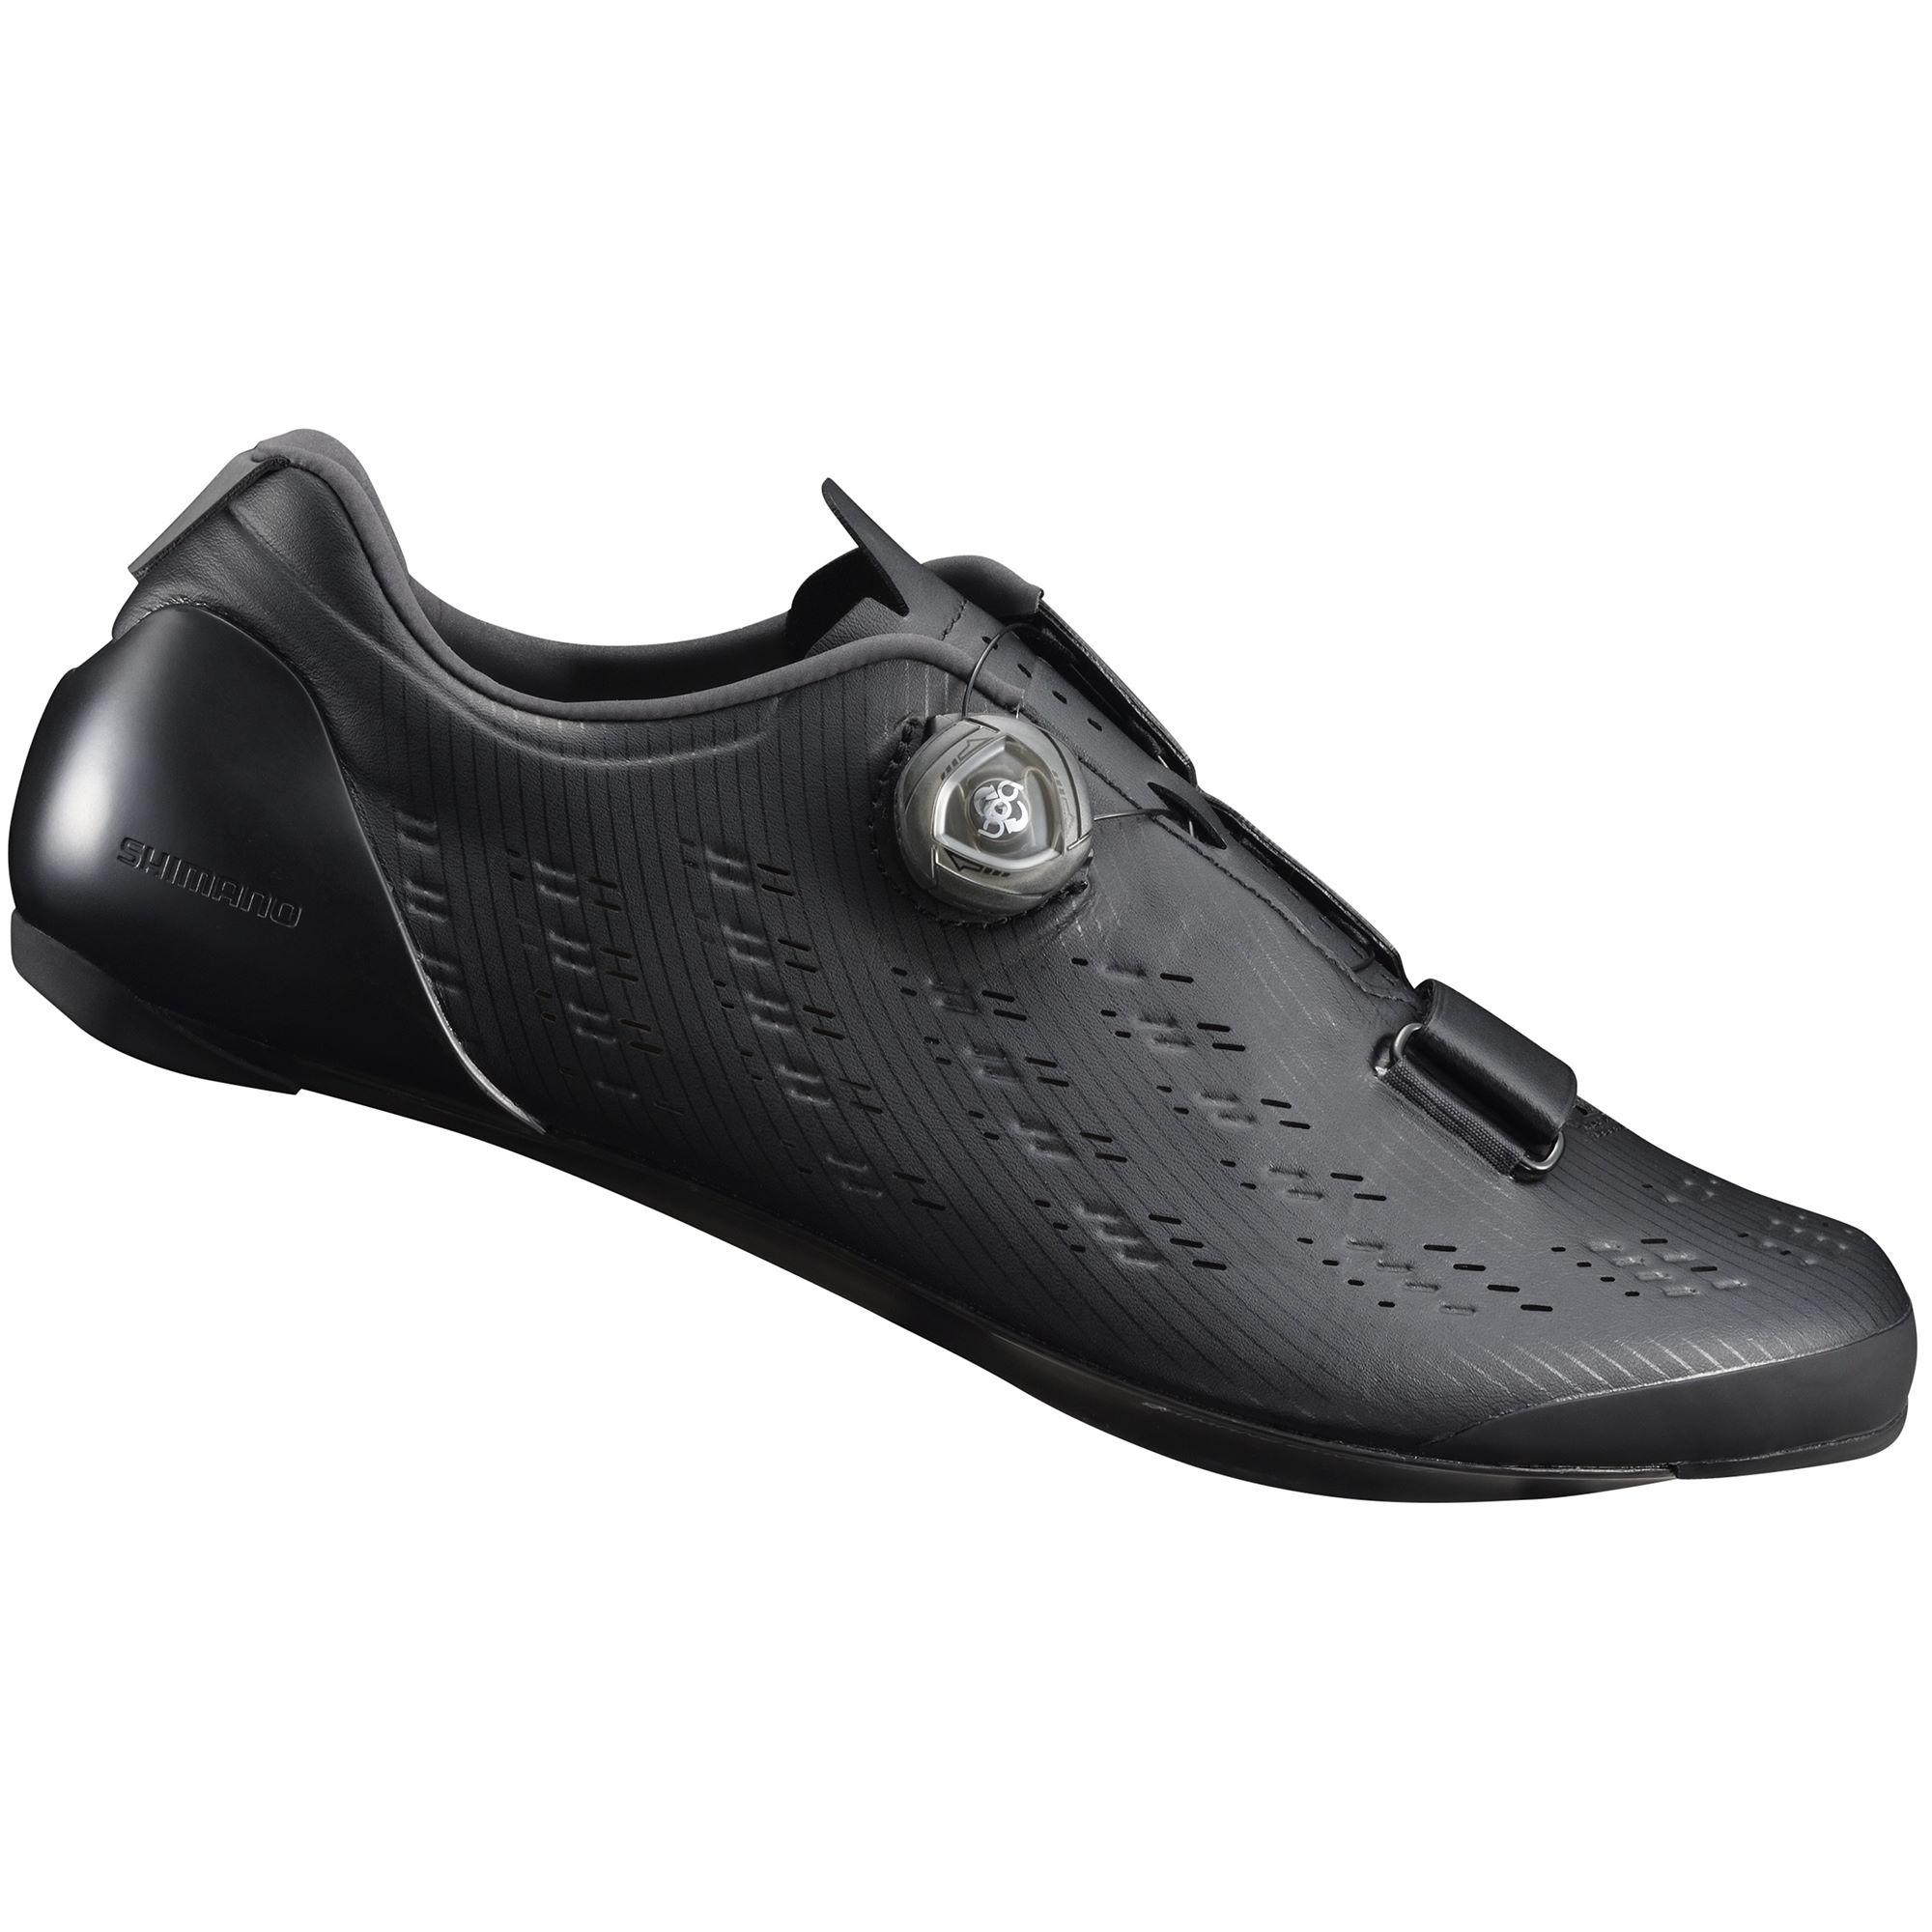 Chaussures de vélo route Shimano 2018 SH-RP9 - Noir